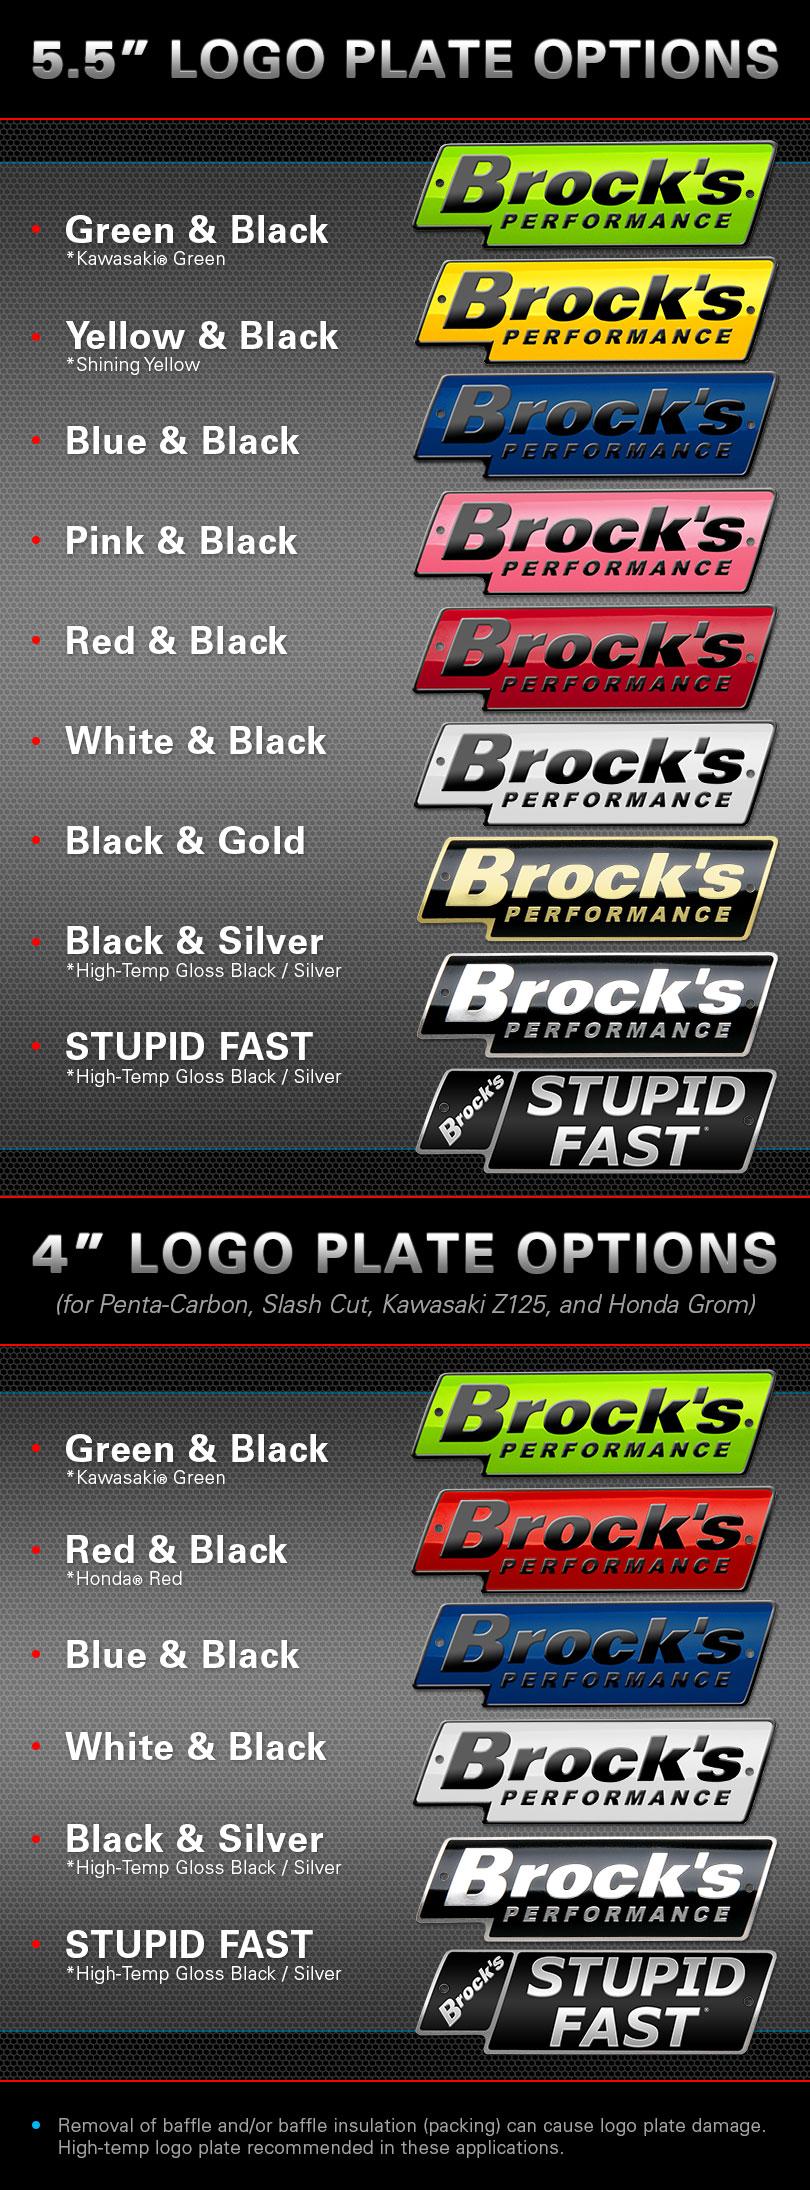 https://brocksperformance.com/product_images/uploaded_images/Logo_Plates_Article_Page_Display.jpg